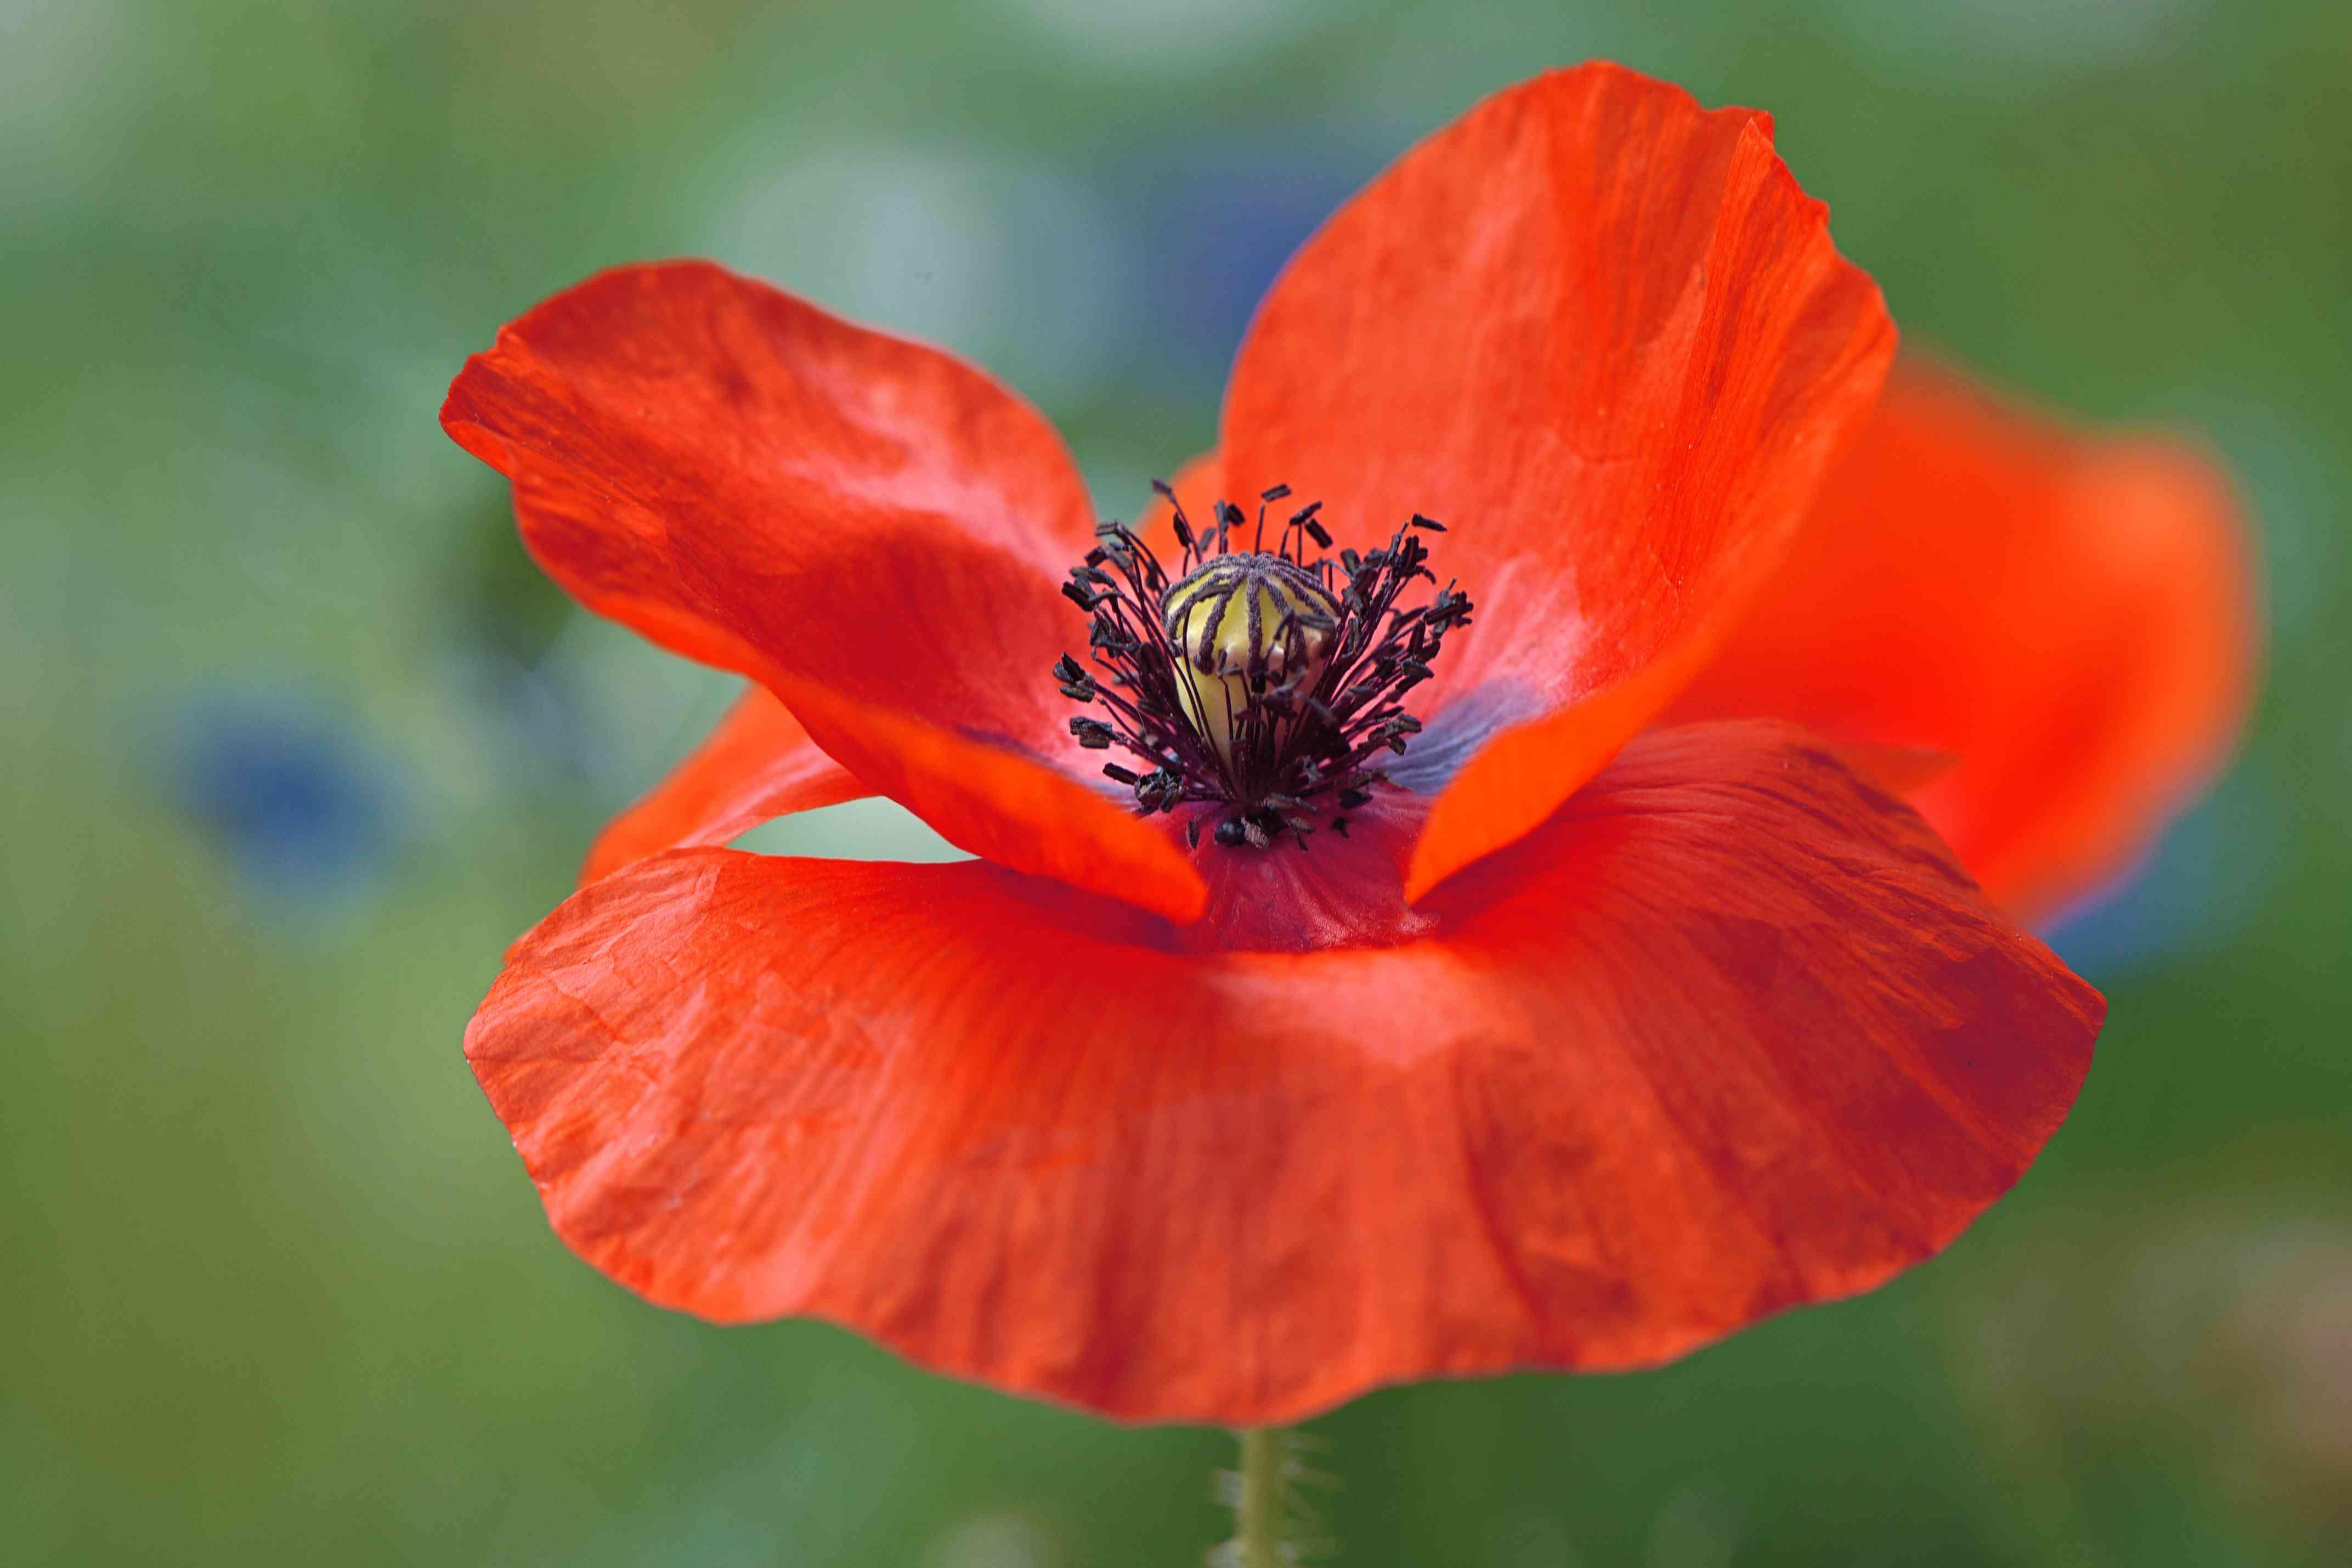 Imagen de primer plano de la vibrante amapola roja, (Papaver rhoeas), también llamada amapola de campo o flor de amapola de Flandes